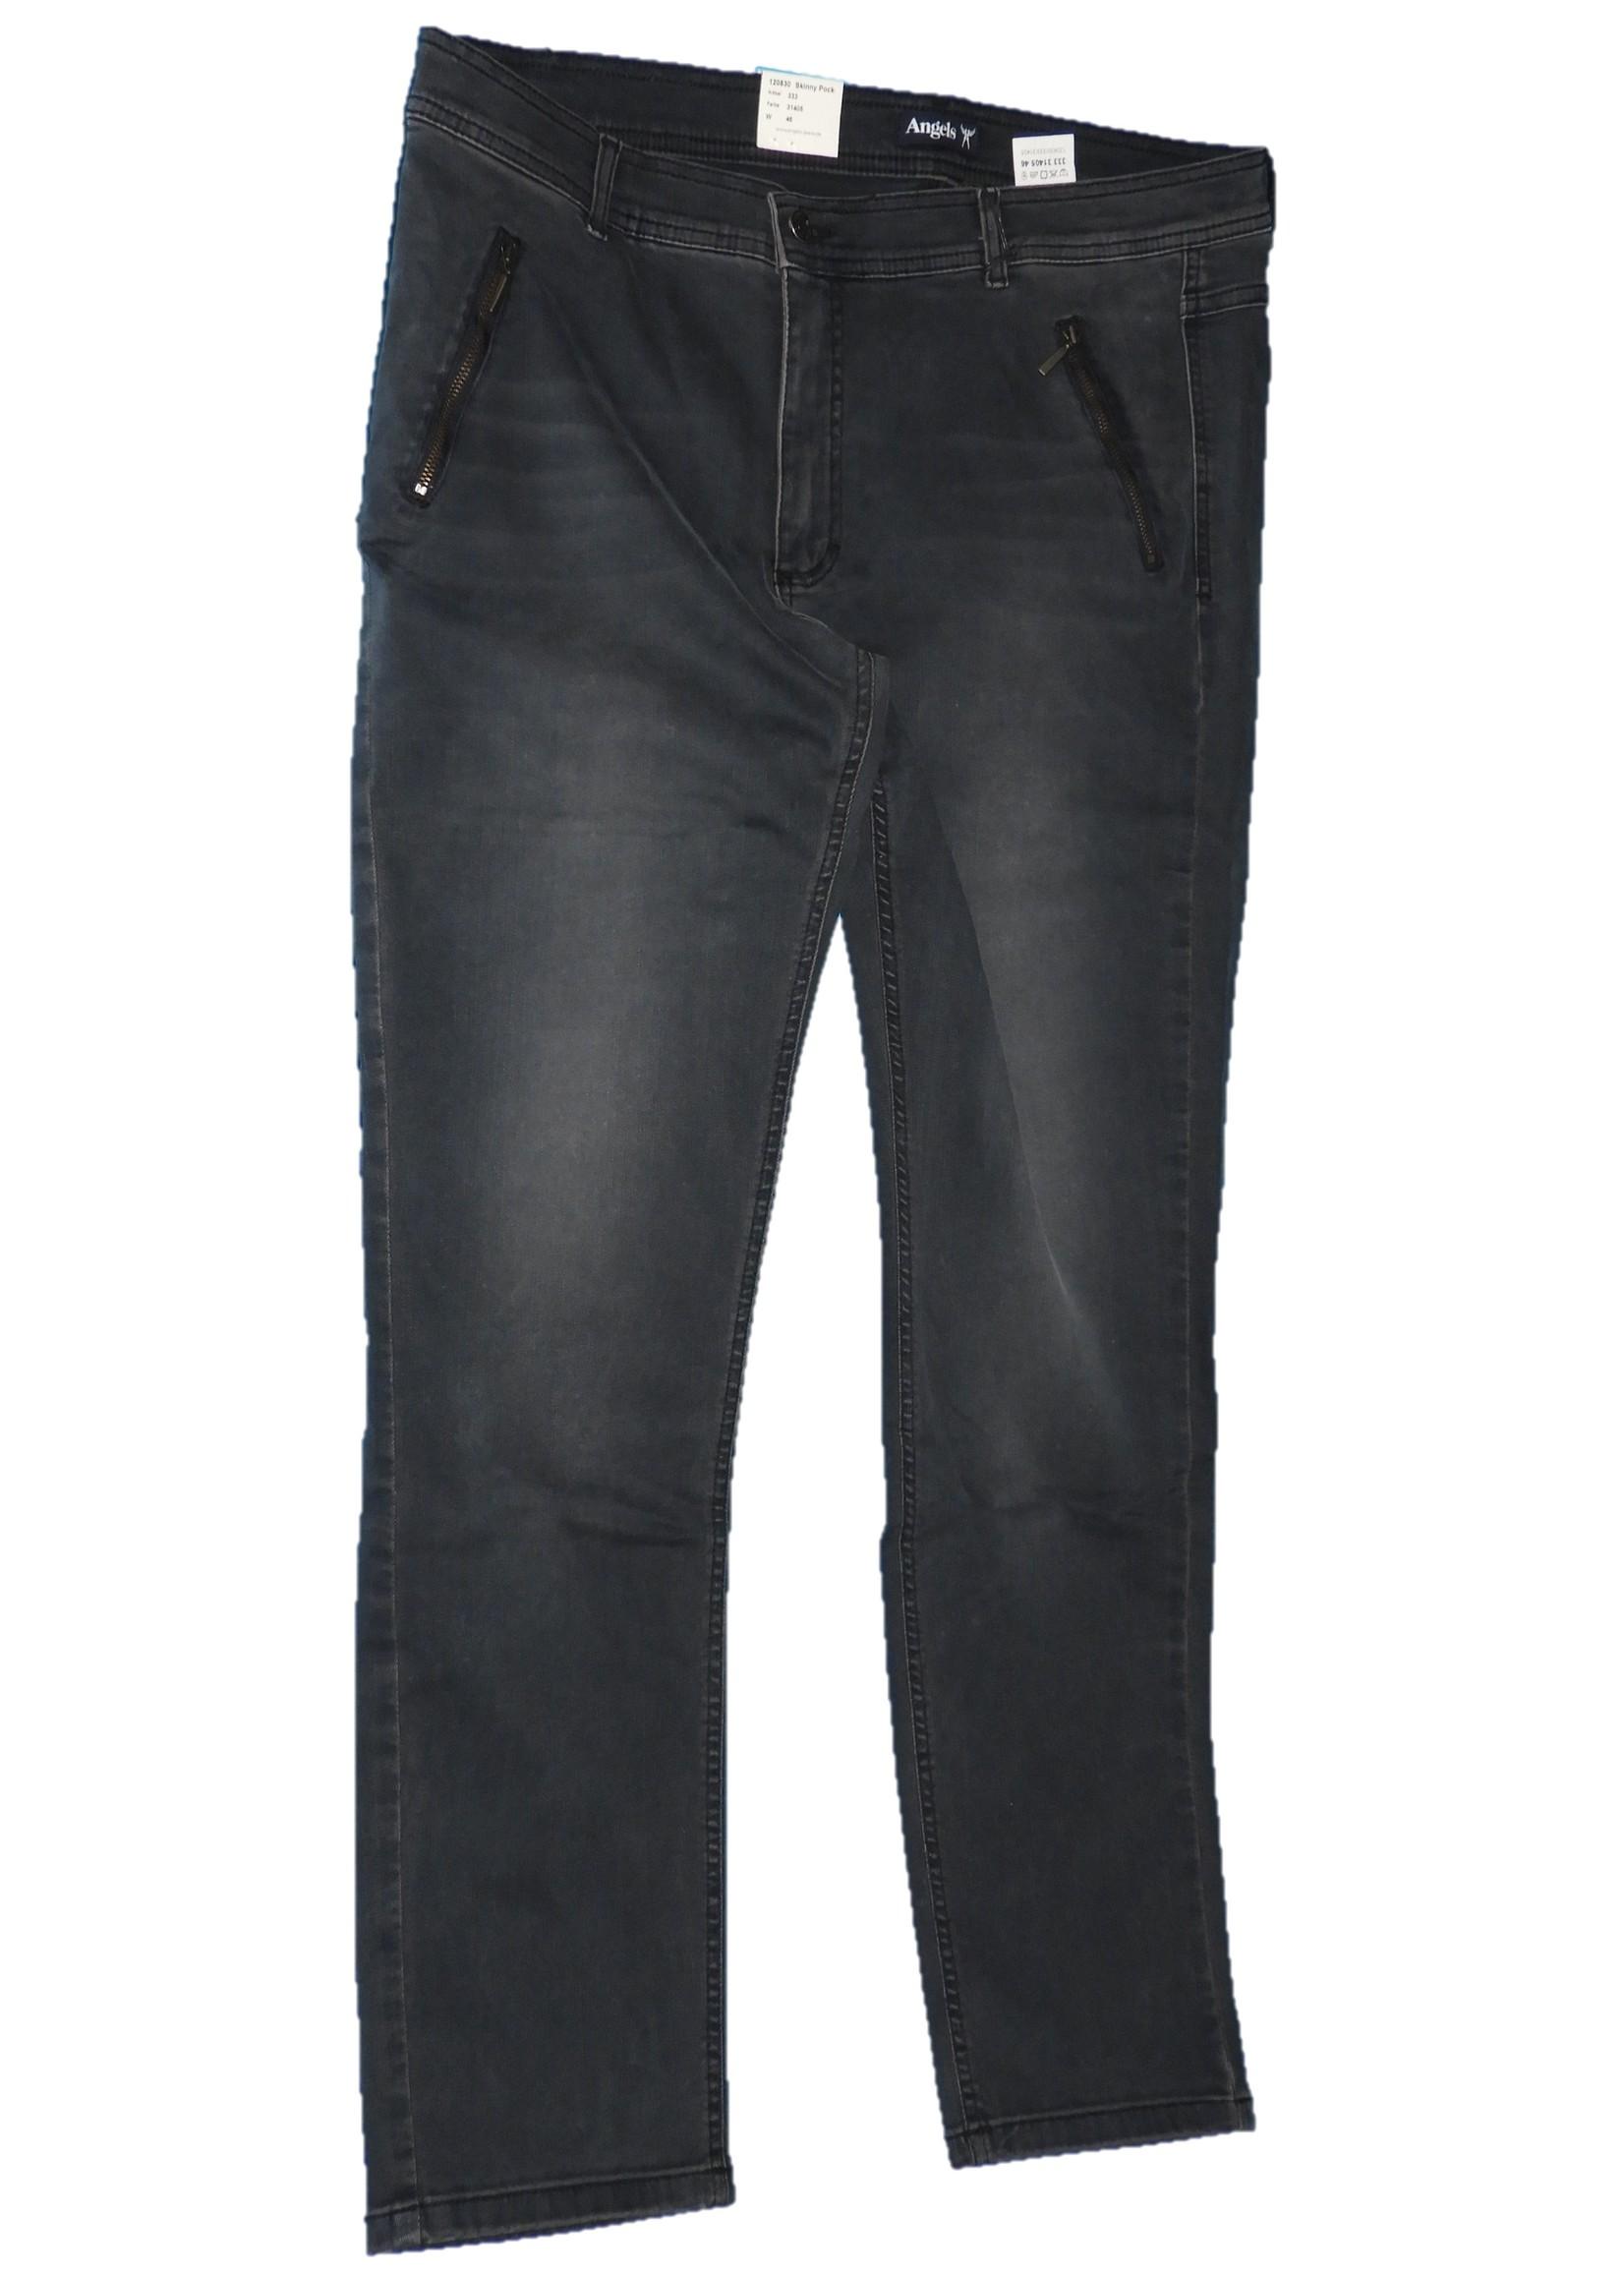 Angels Jeans spijkerbroek maat 46